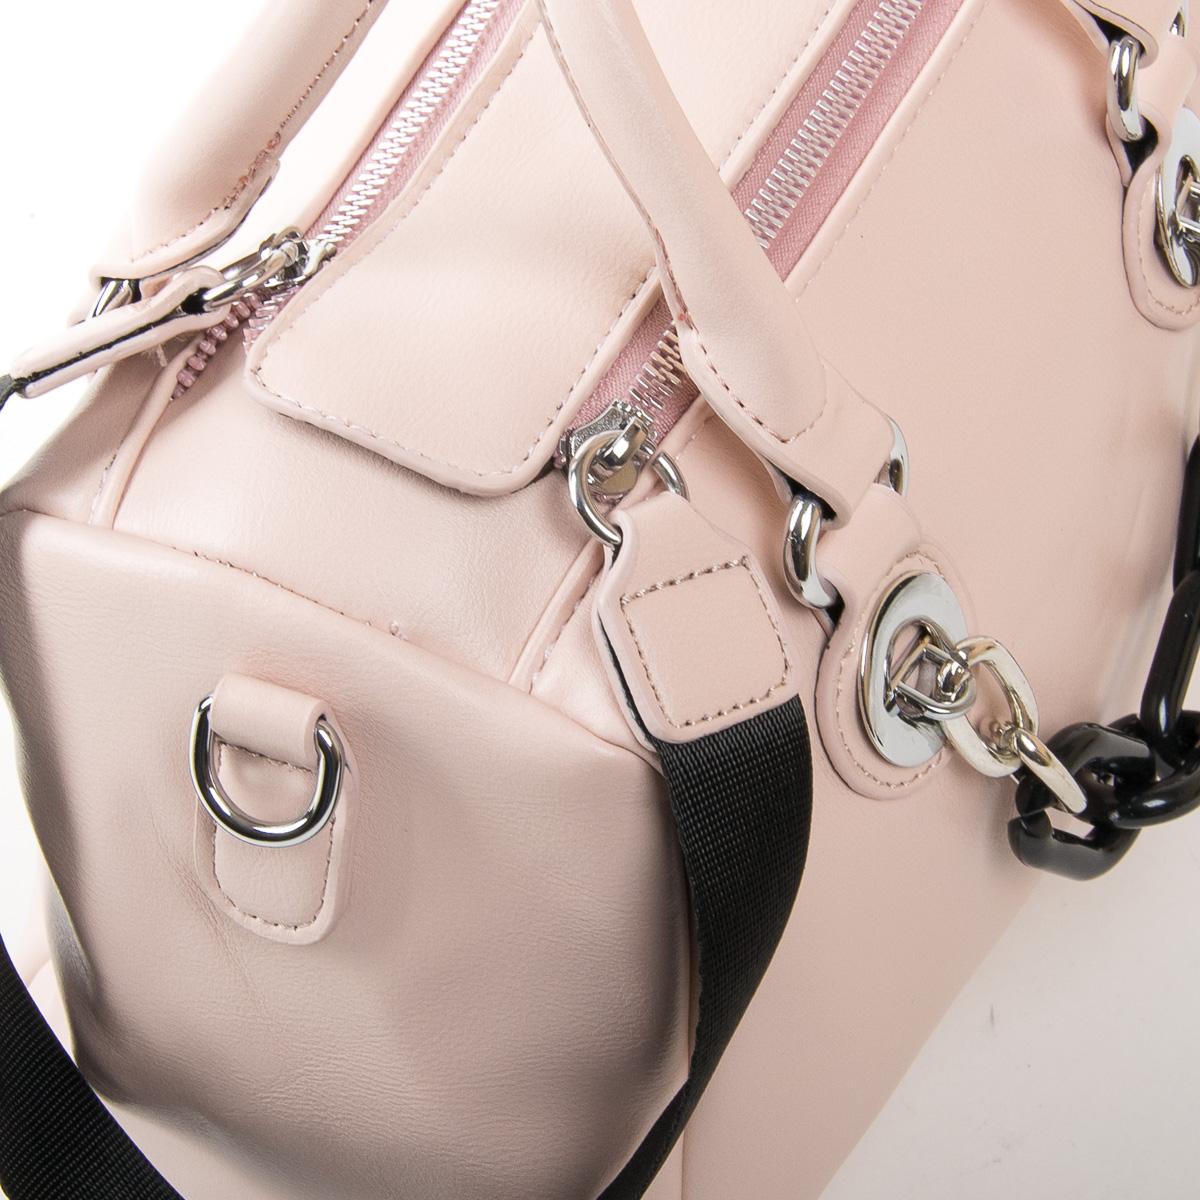 Сумка Женская Классическая иск-кожа FASHION 01-03 975 pink - фото 3